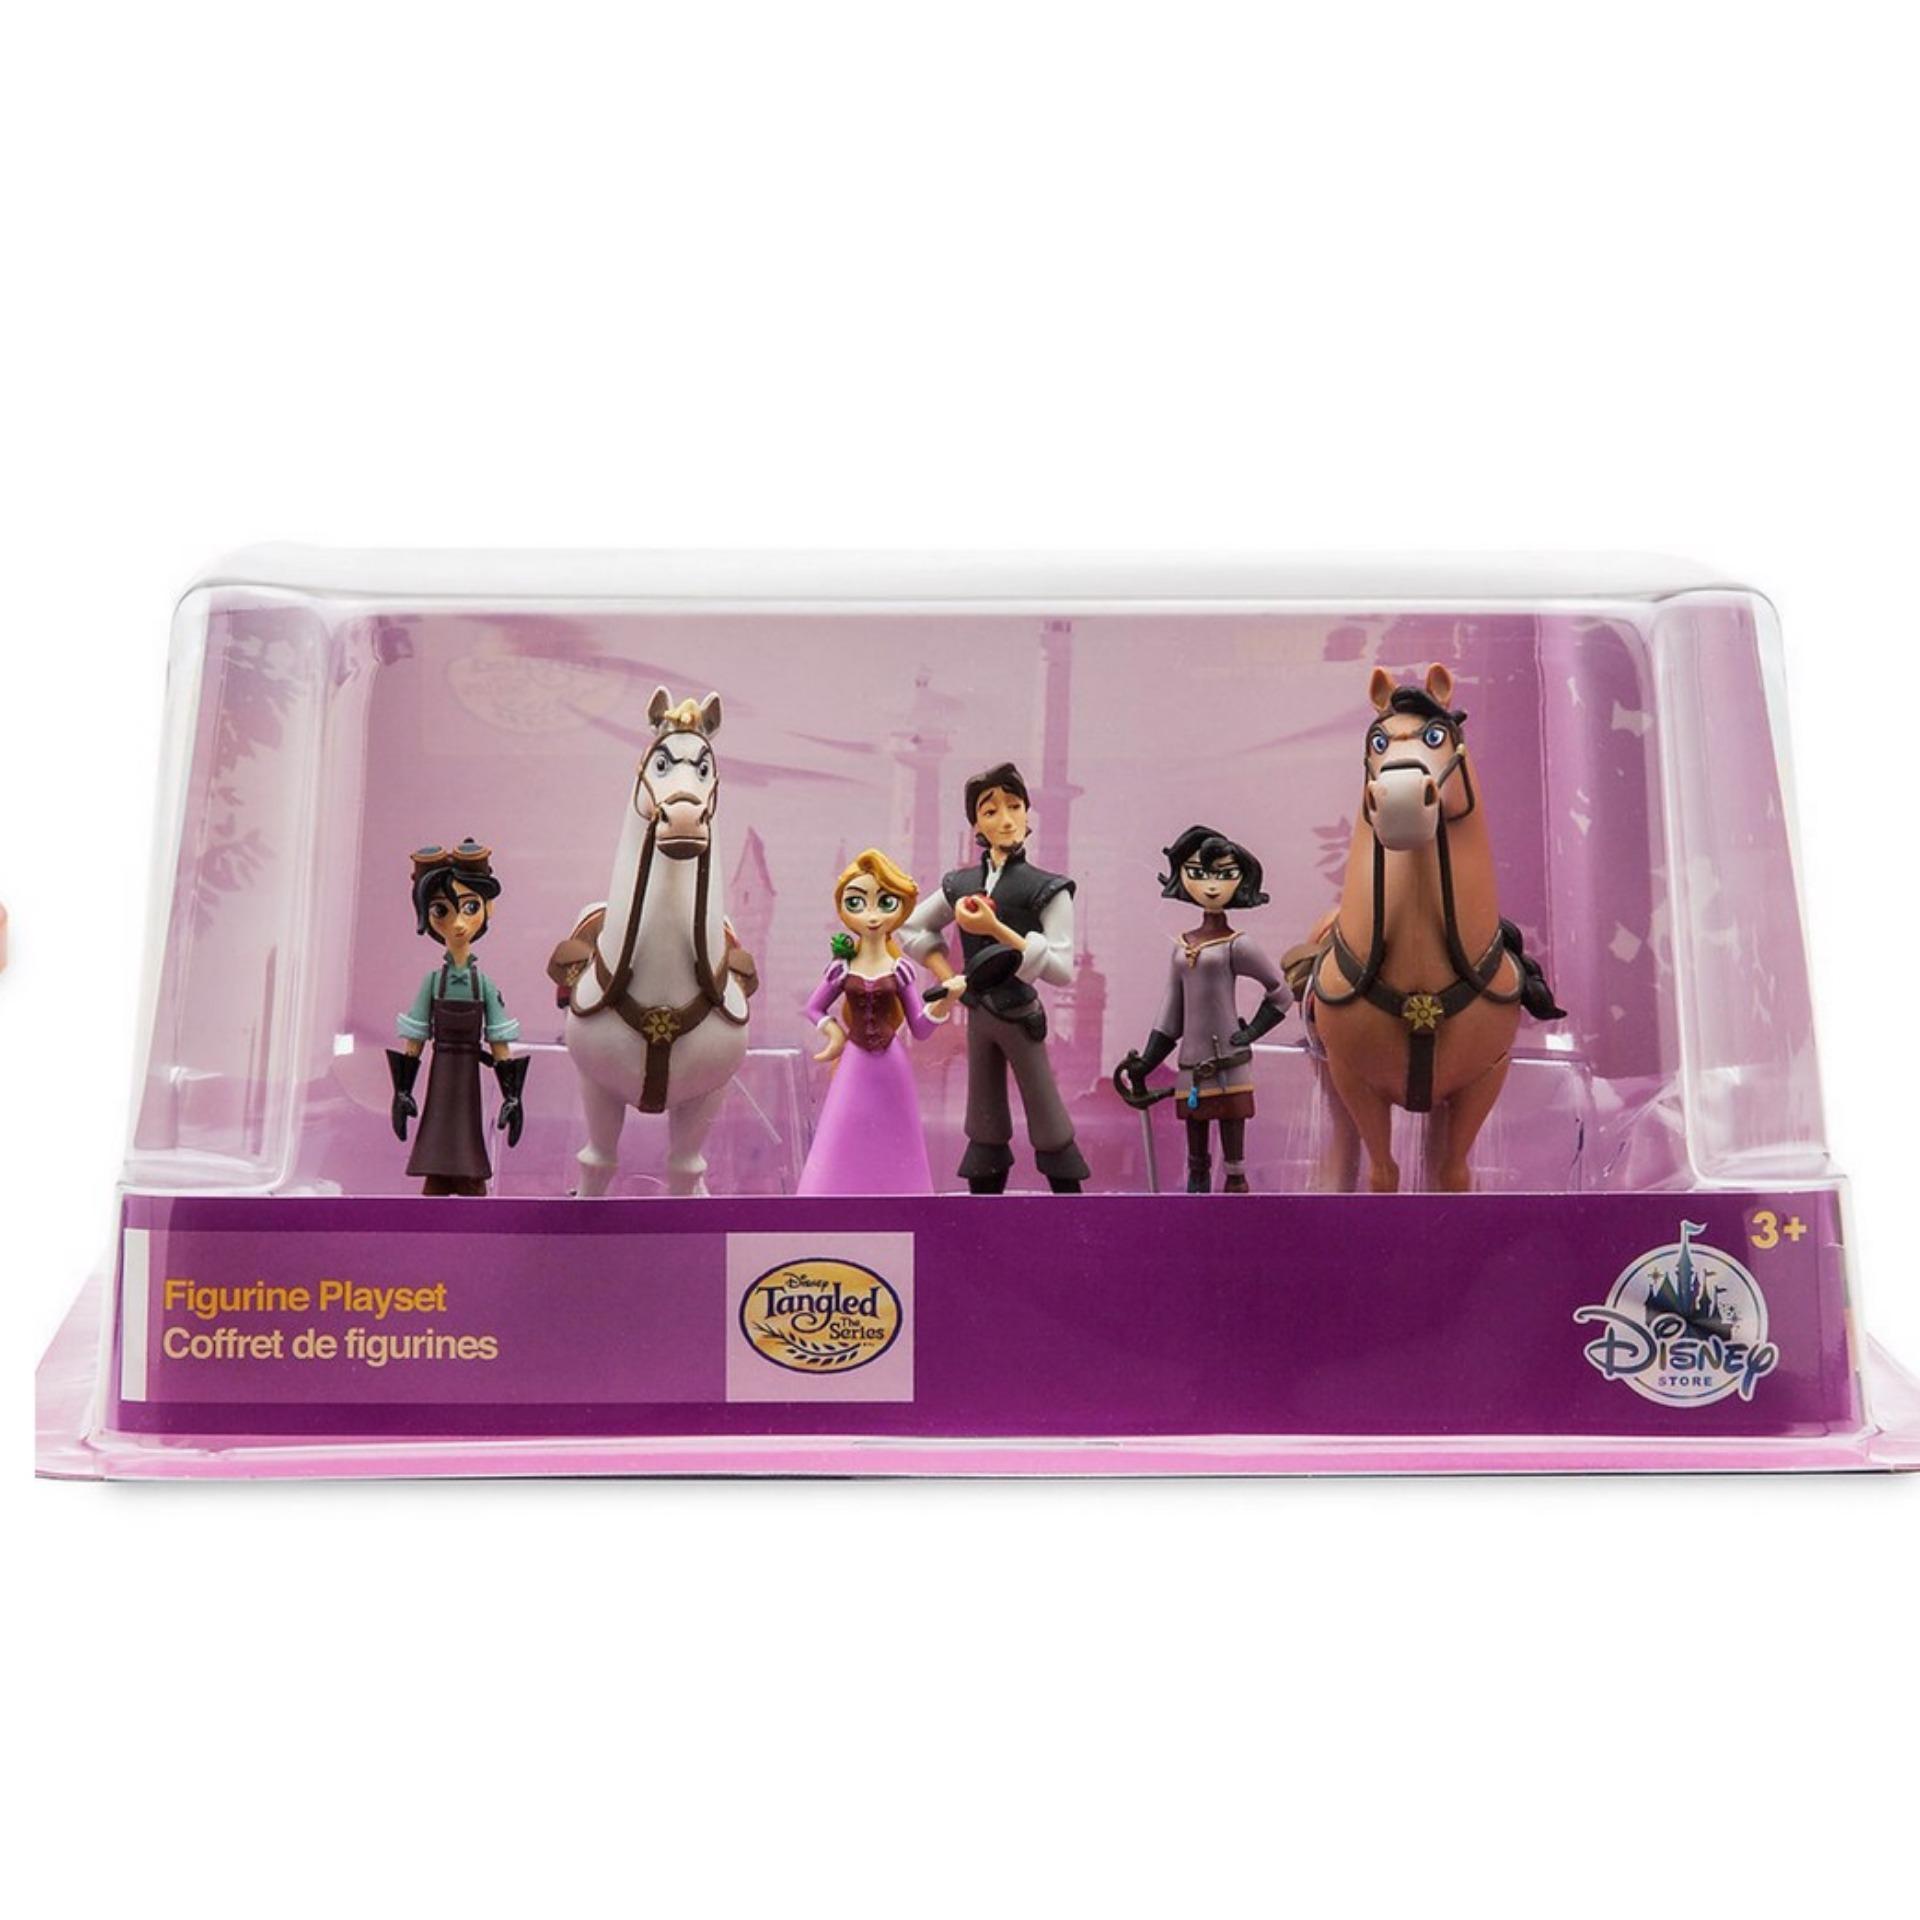 DISNEY - Tangled: The Series Figure Play Set - 6107000440549P Đang Trong Dịp Khuyến Mãi